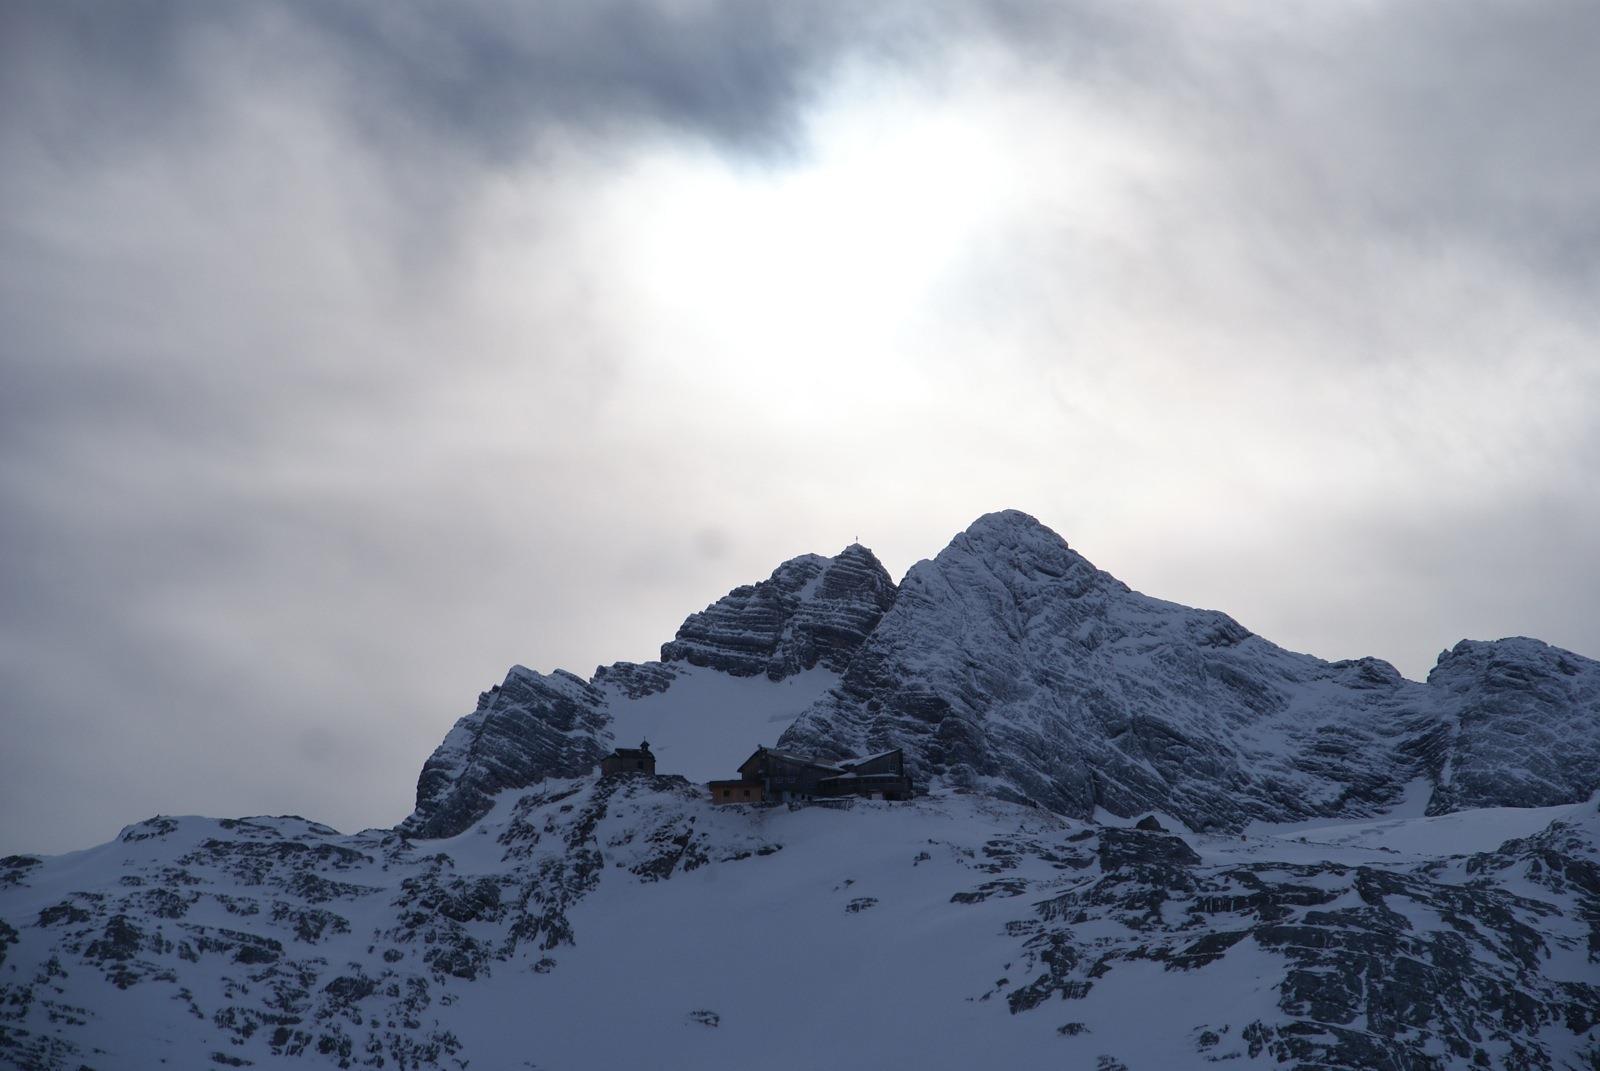 Dachtsein, 07.01.2011 - 053